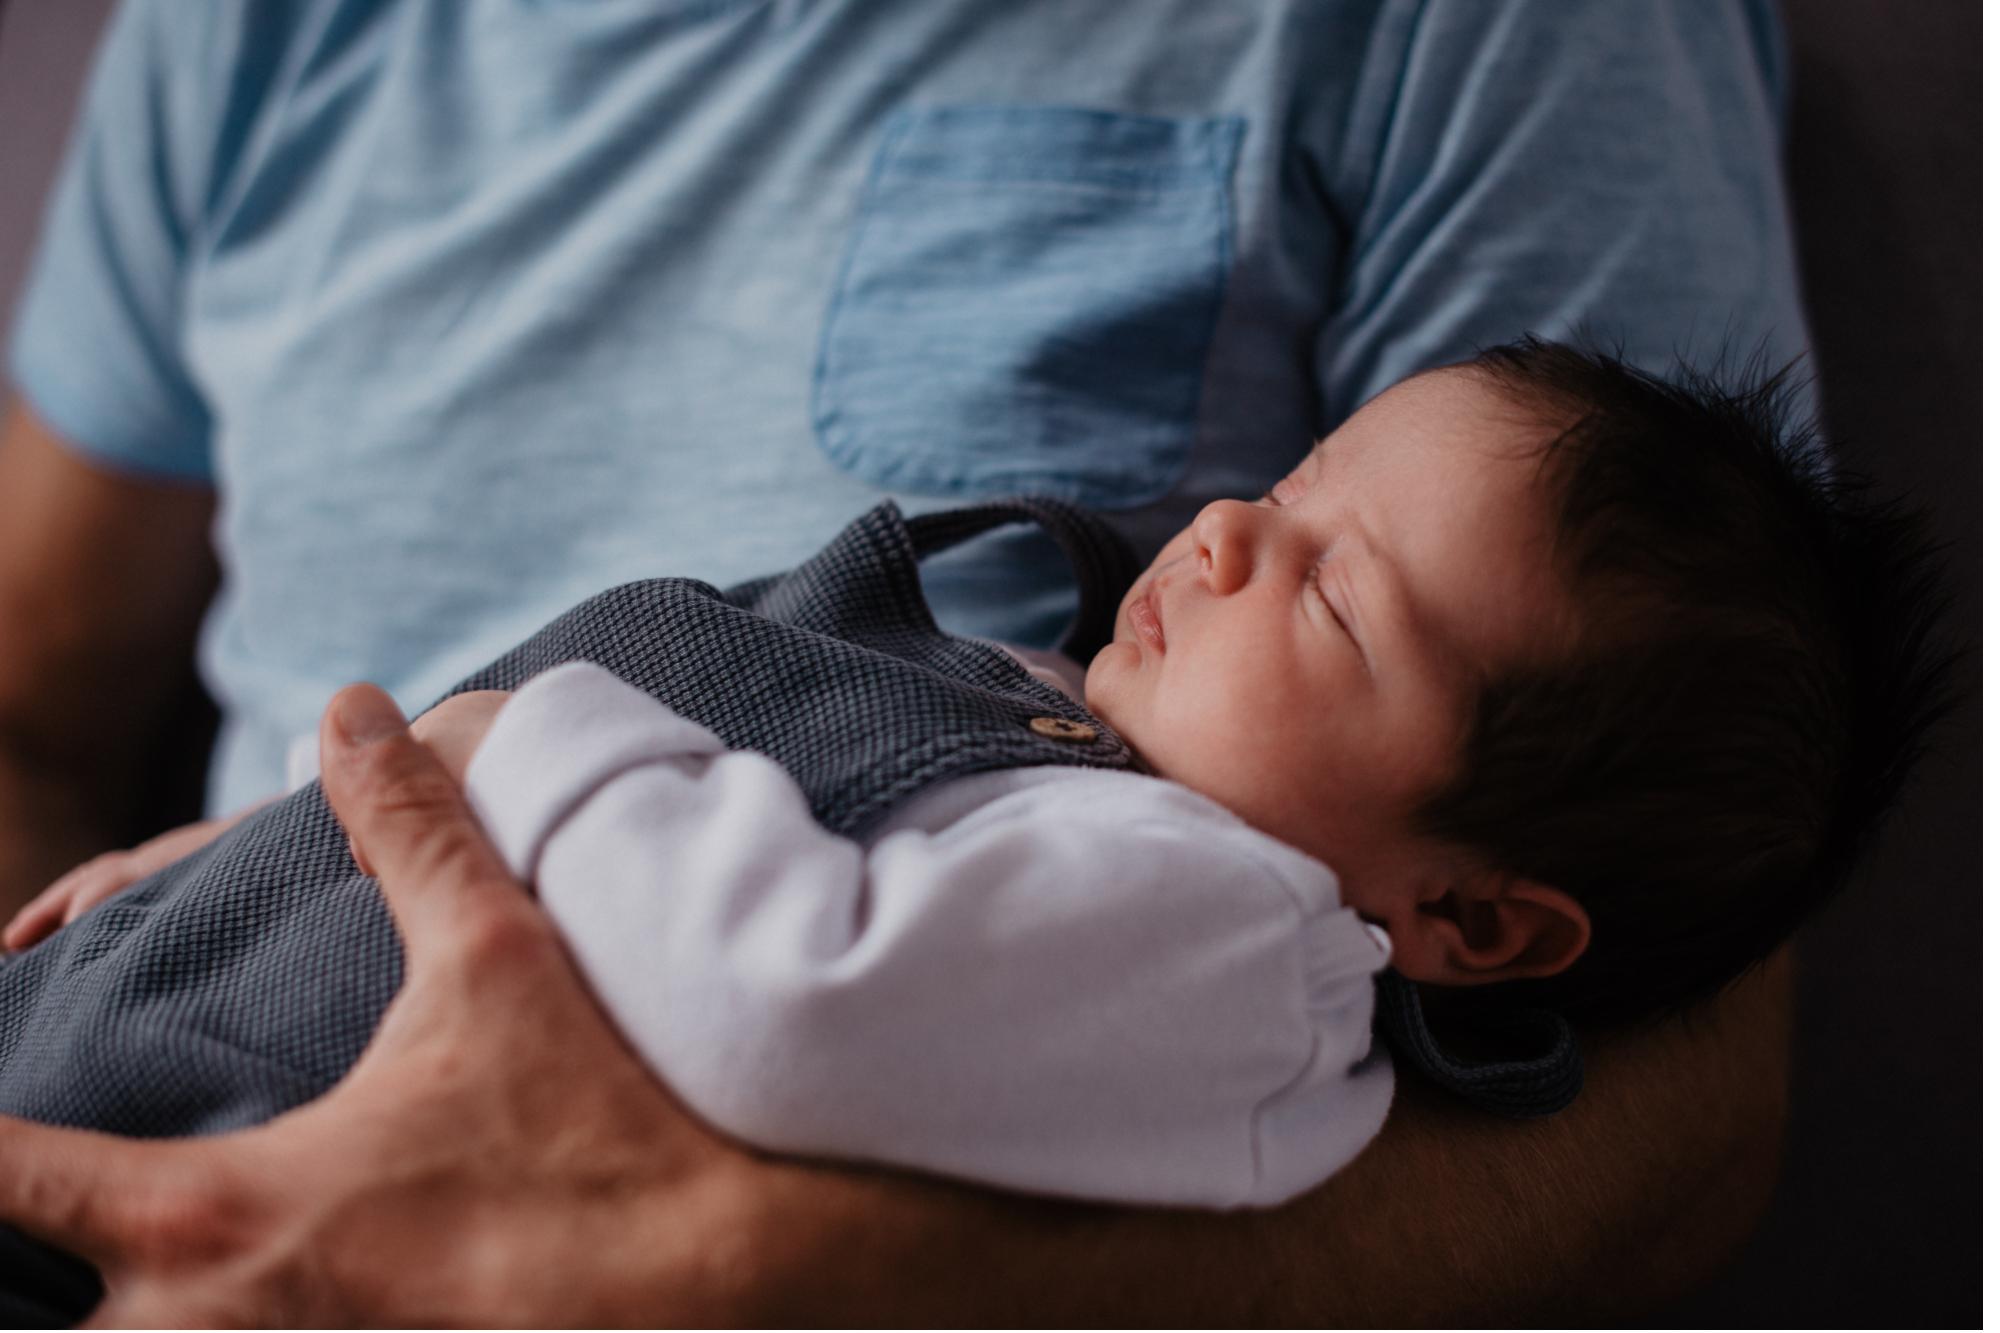 Schlafendes Baby auf dem Arm